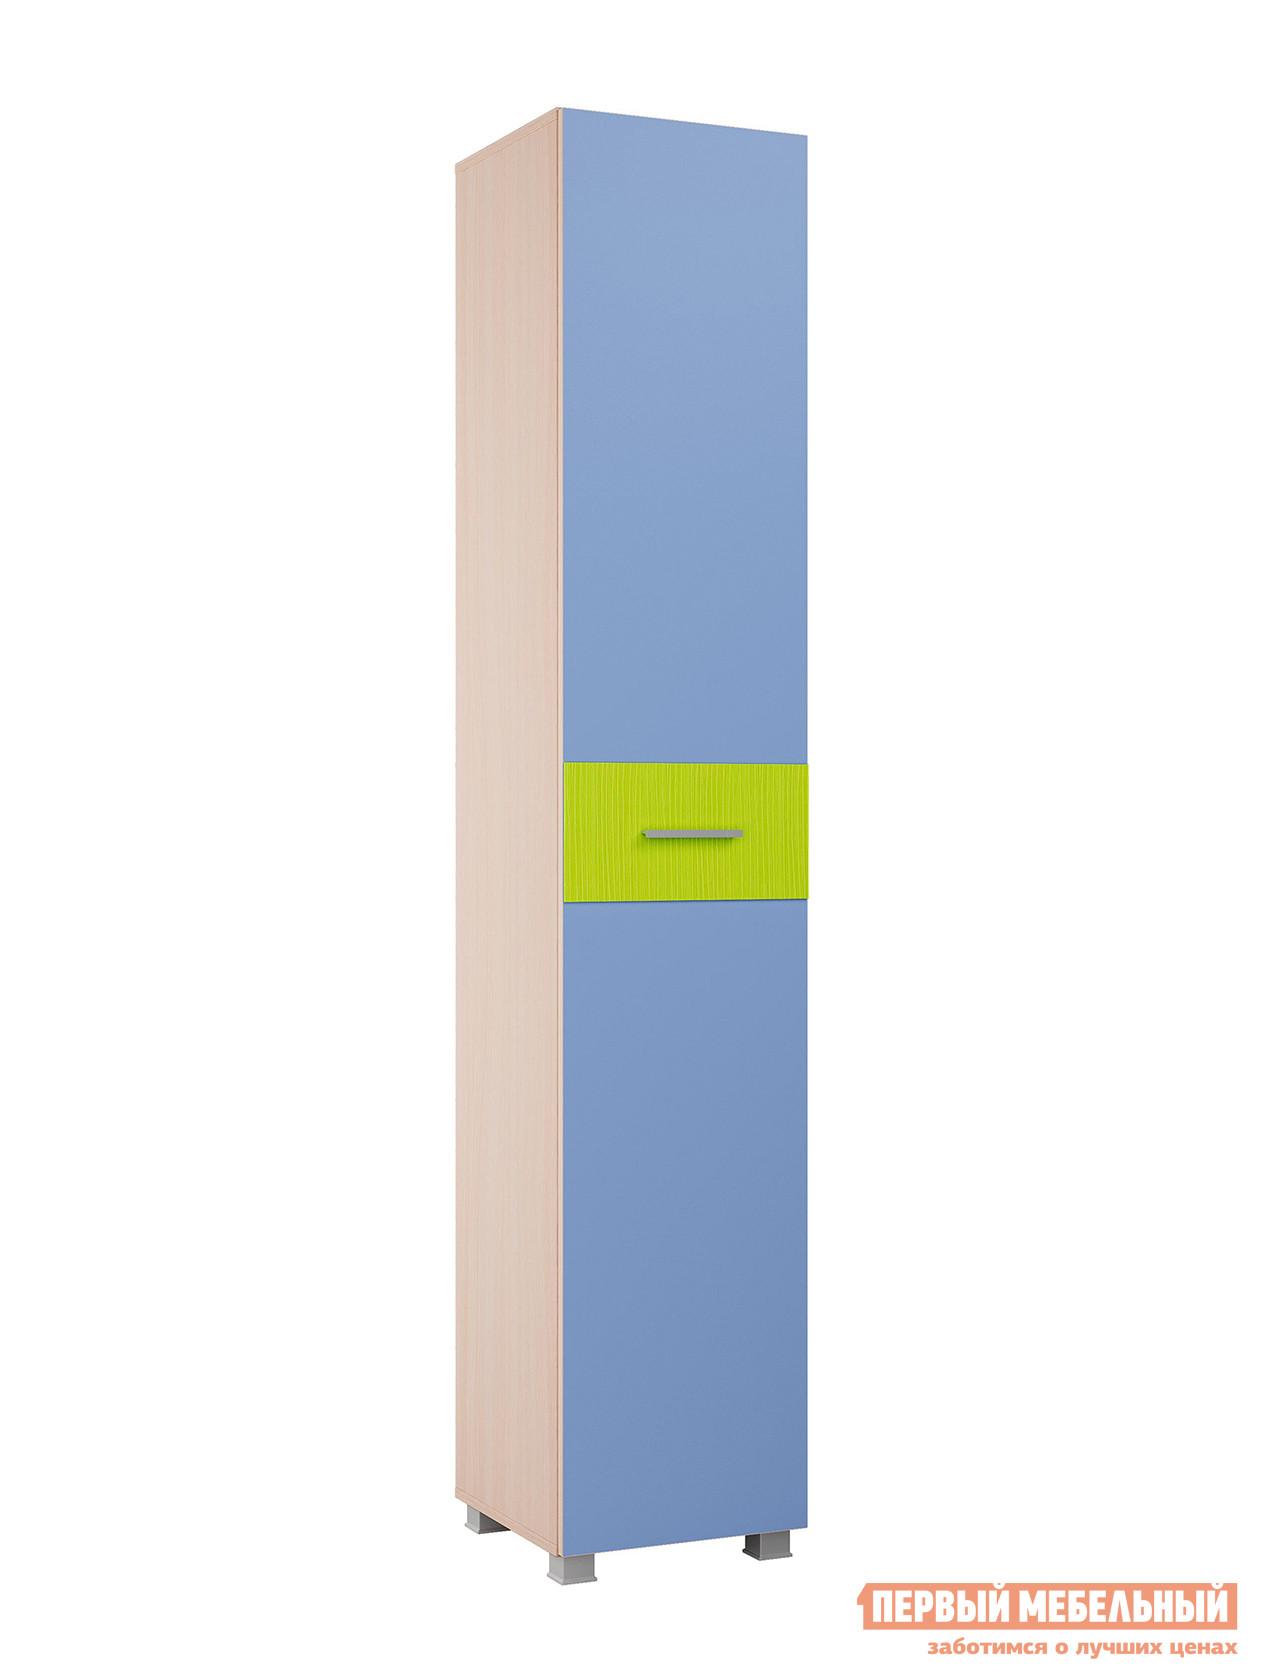 Шкаф-пенал детский Первый Мебельный Шкаф Лайк Д. 400